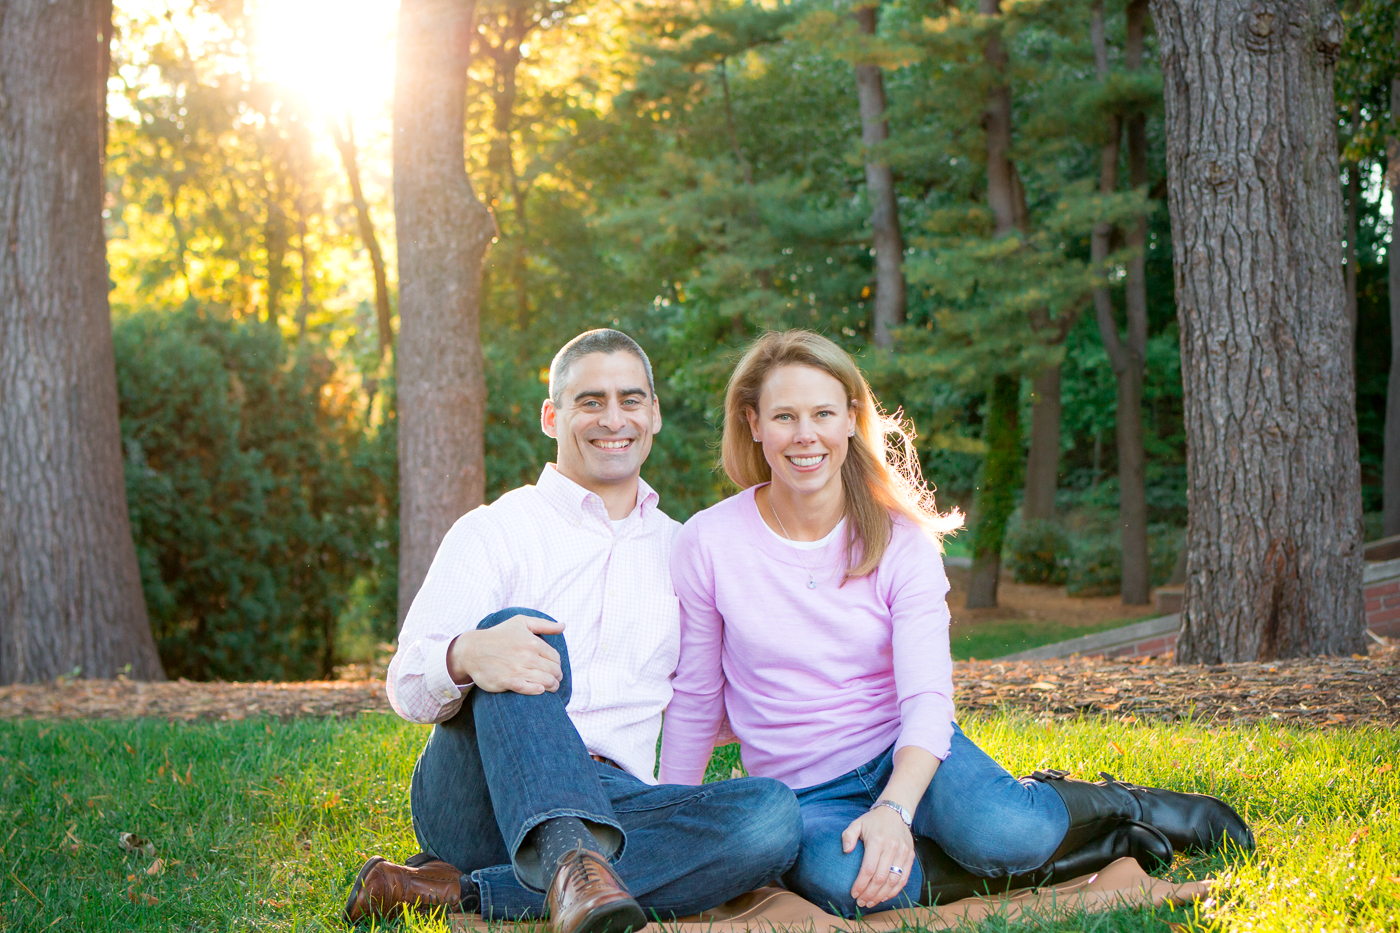 Family_Photographer_Needham_Couples-08.jpg